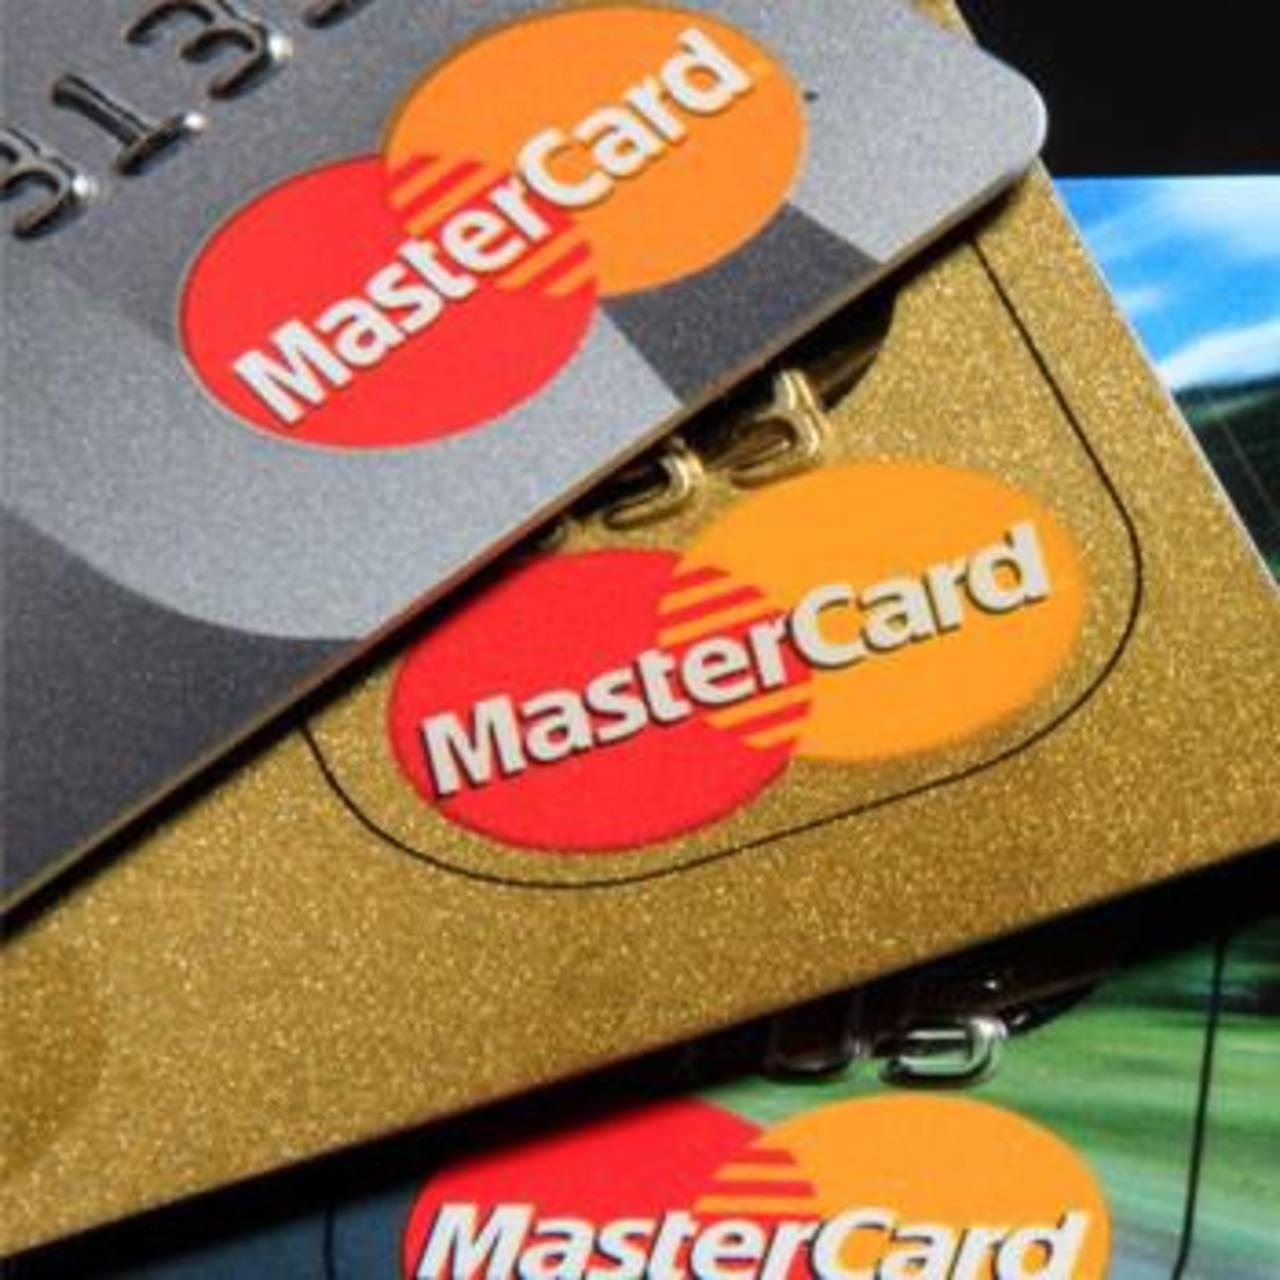 Mastercard dará mas atención a sus negocios en C. A.